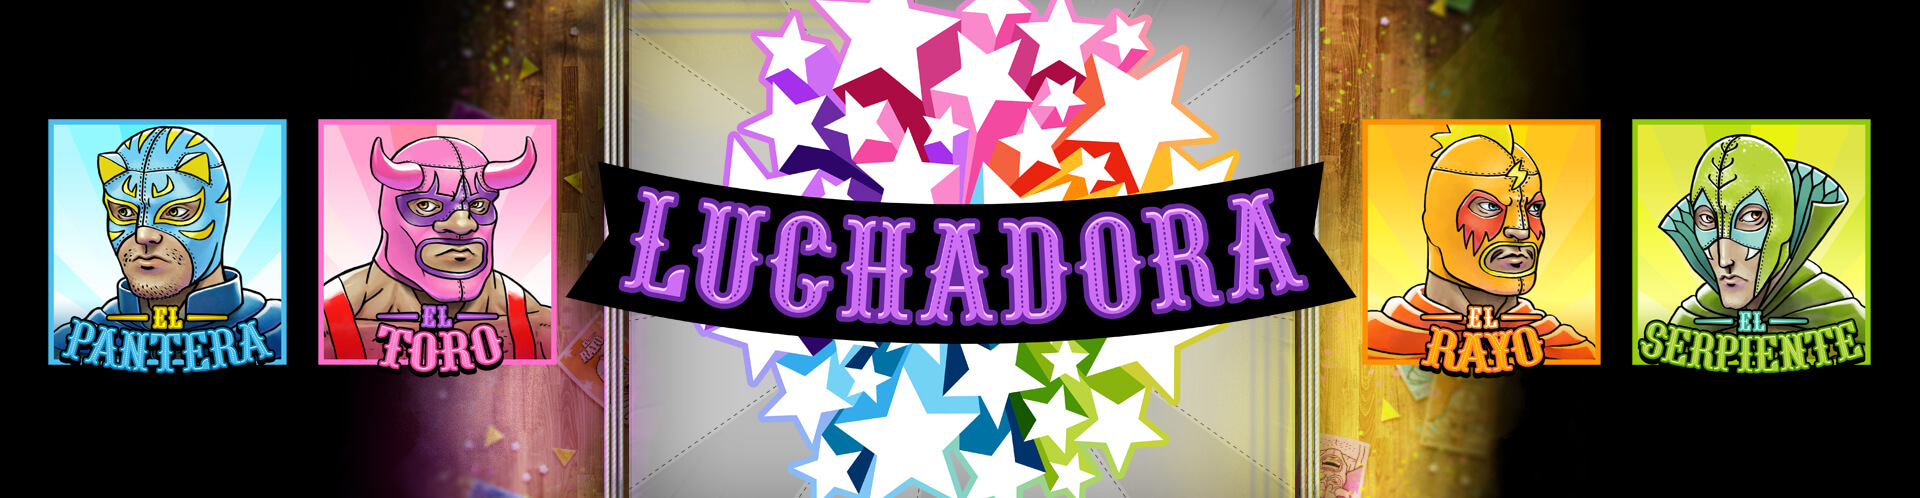 Luchadora kostenlos spielen ohne anmeldung